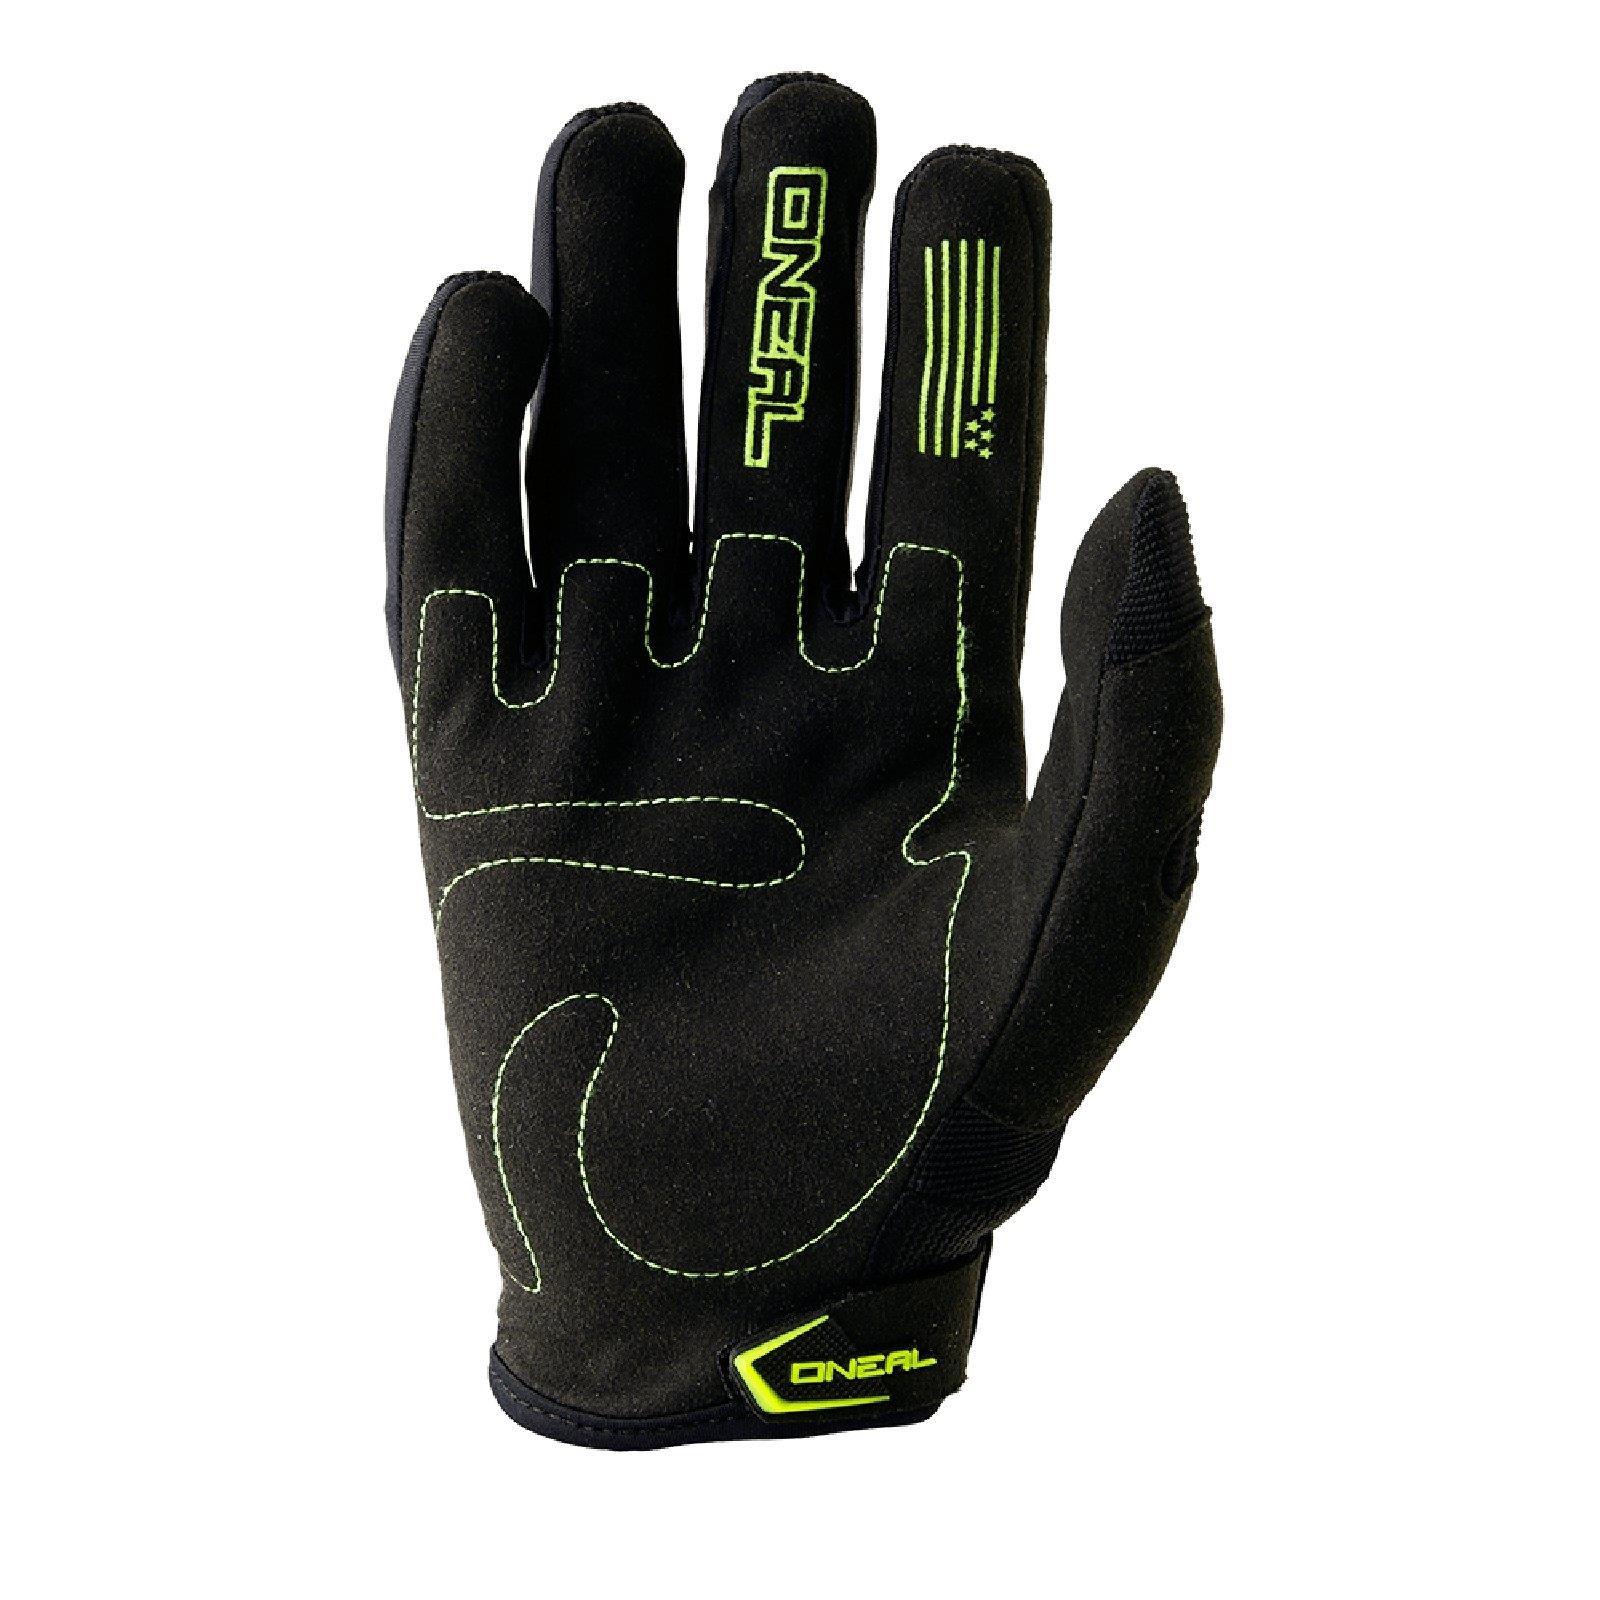 Oneal-elemento-MX-guantes-motocross-SX-enduro-Cross-moto-todo-terreno-todoterreno miniatura 11